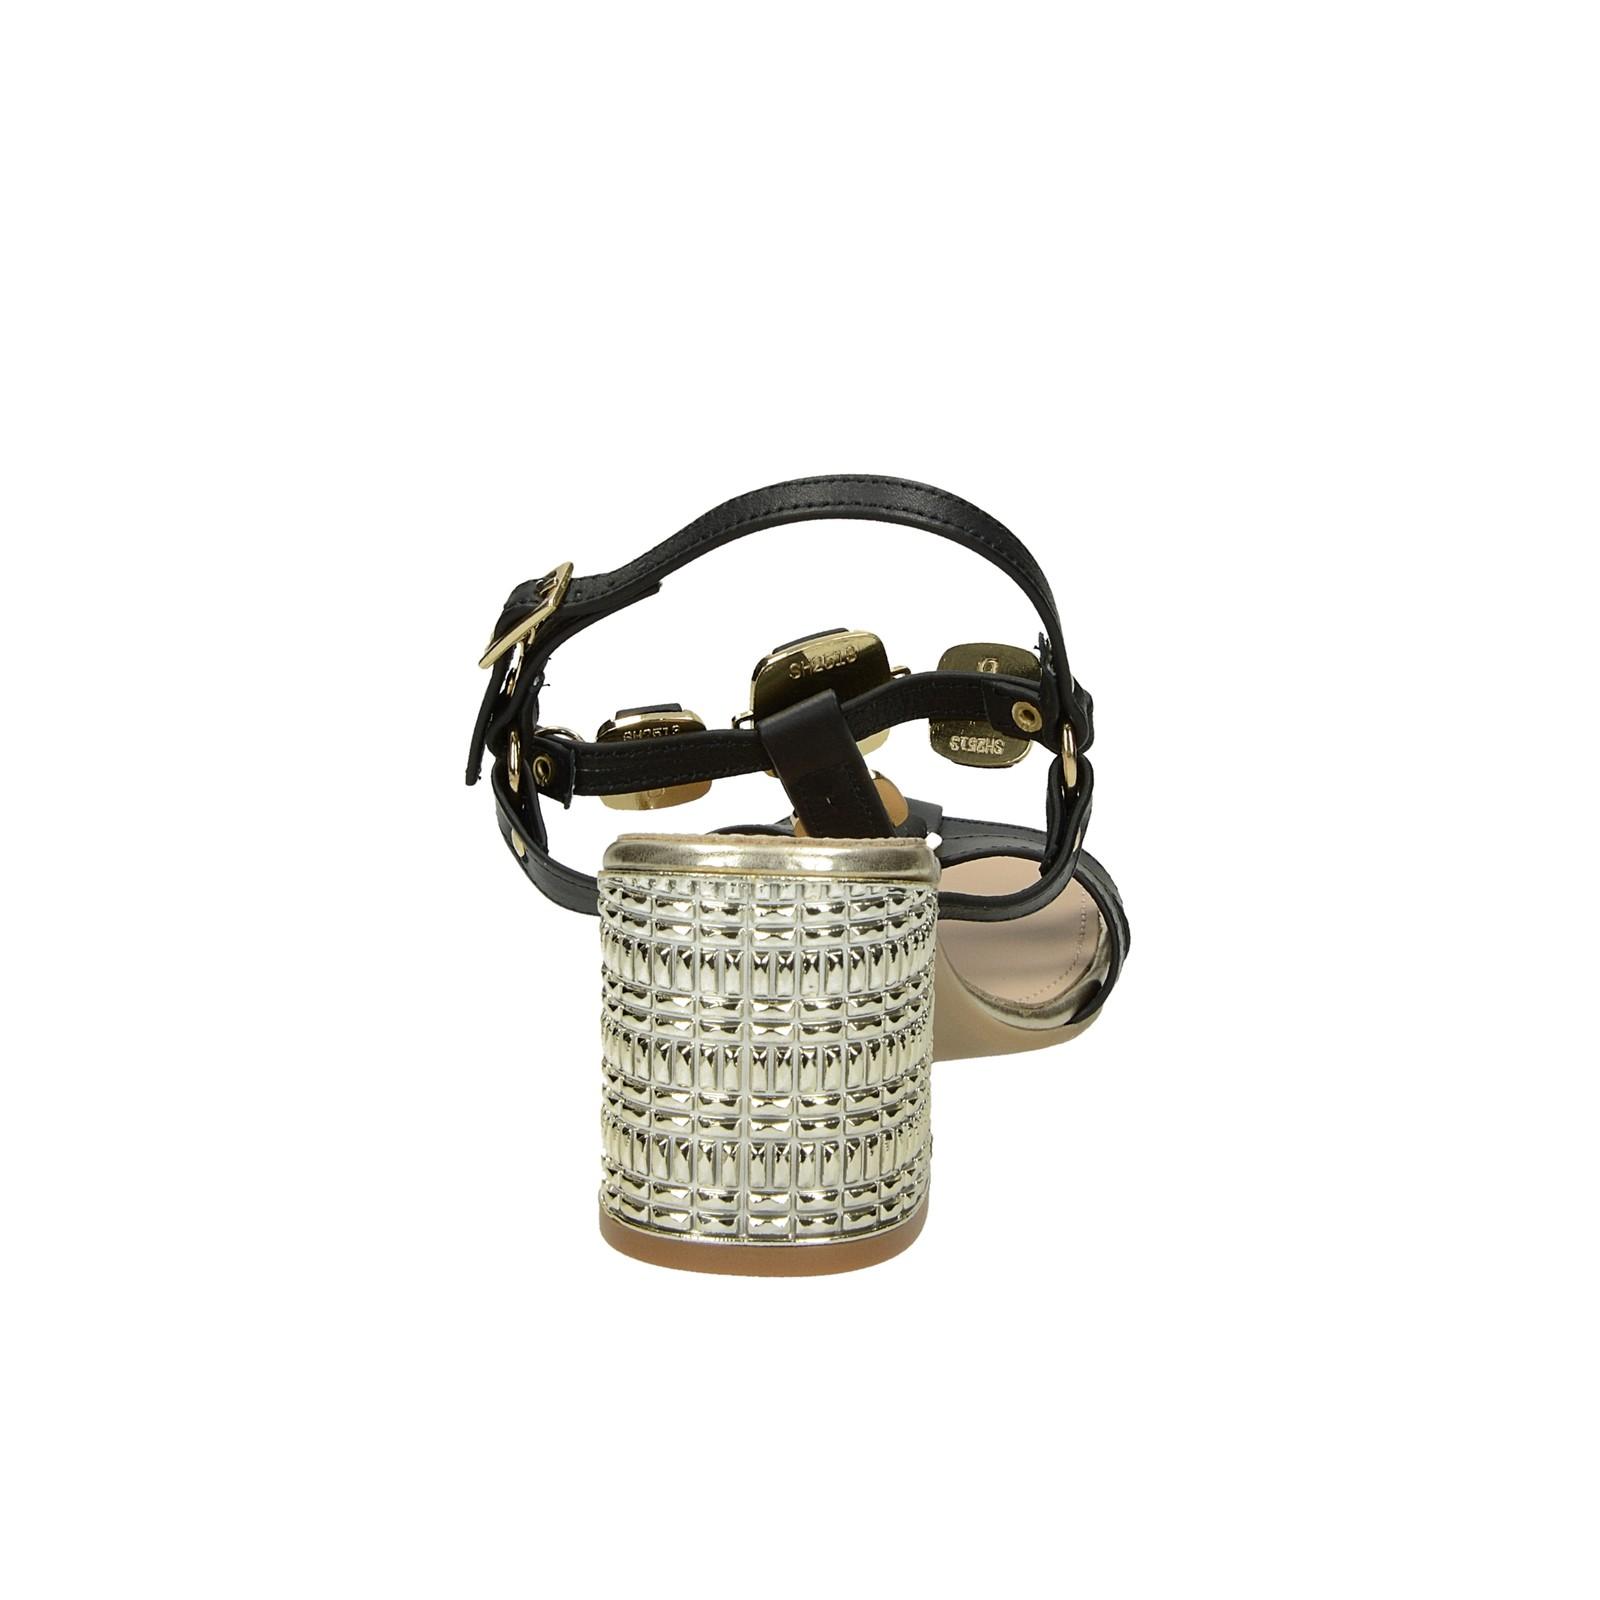 8e5245ed14c95 Prativerdi dámske kožené elegantné sandále - čierne | 163216M75-BLK ...